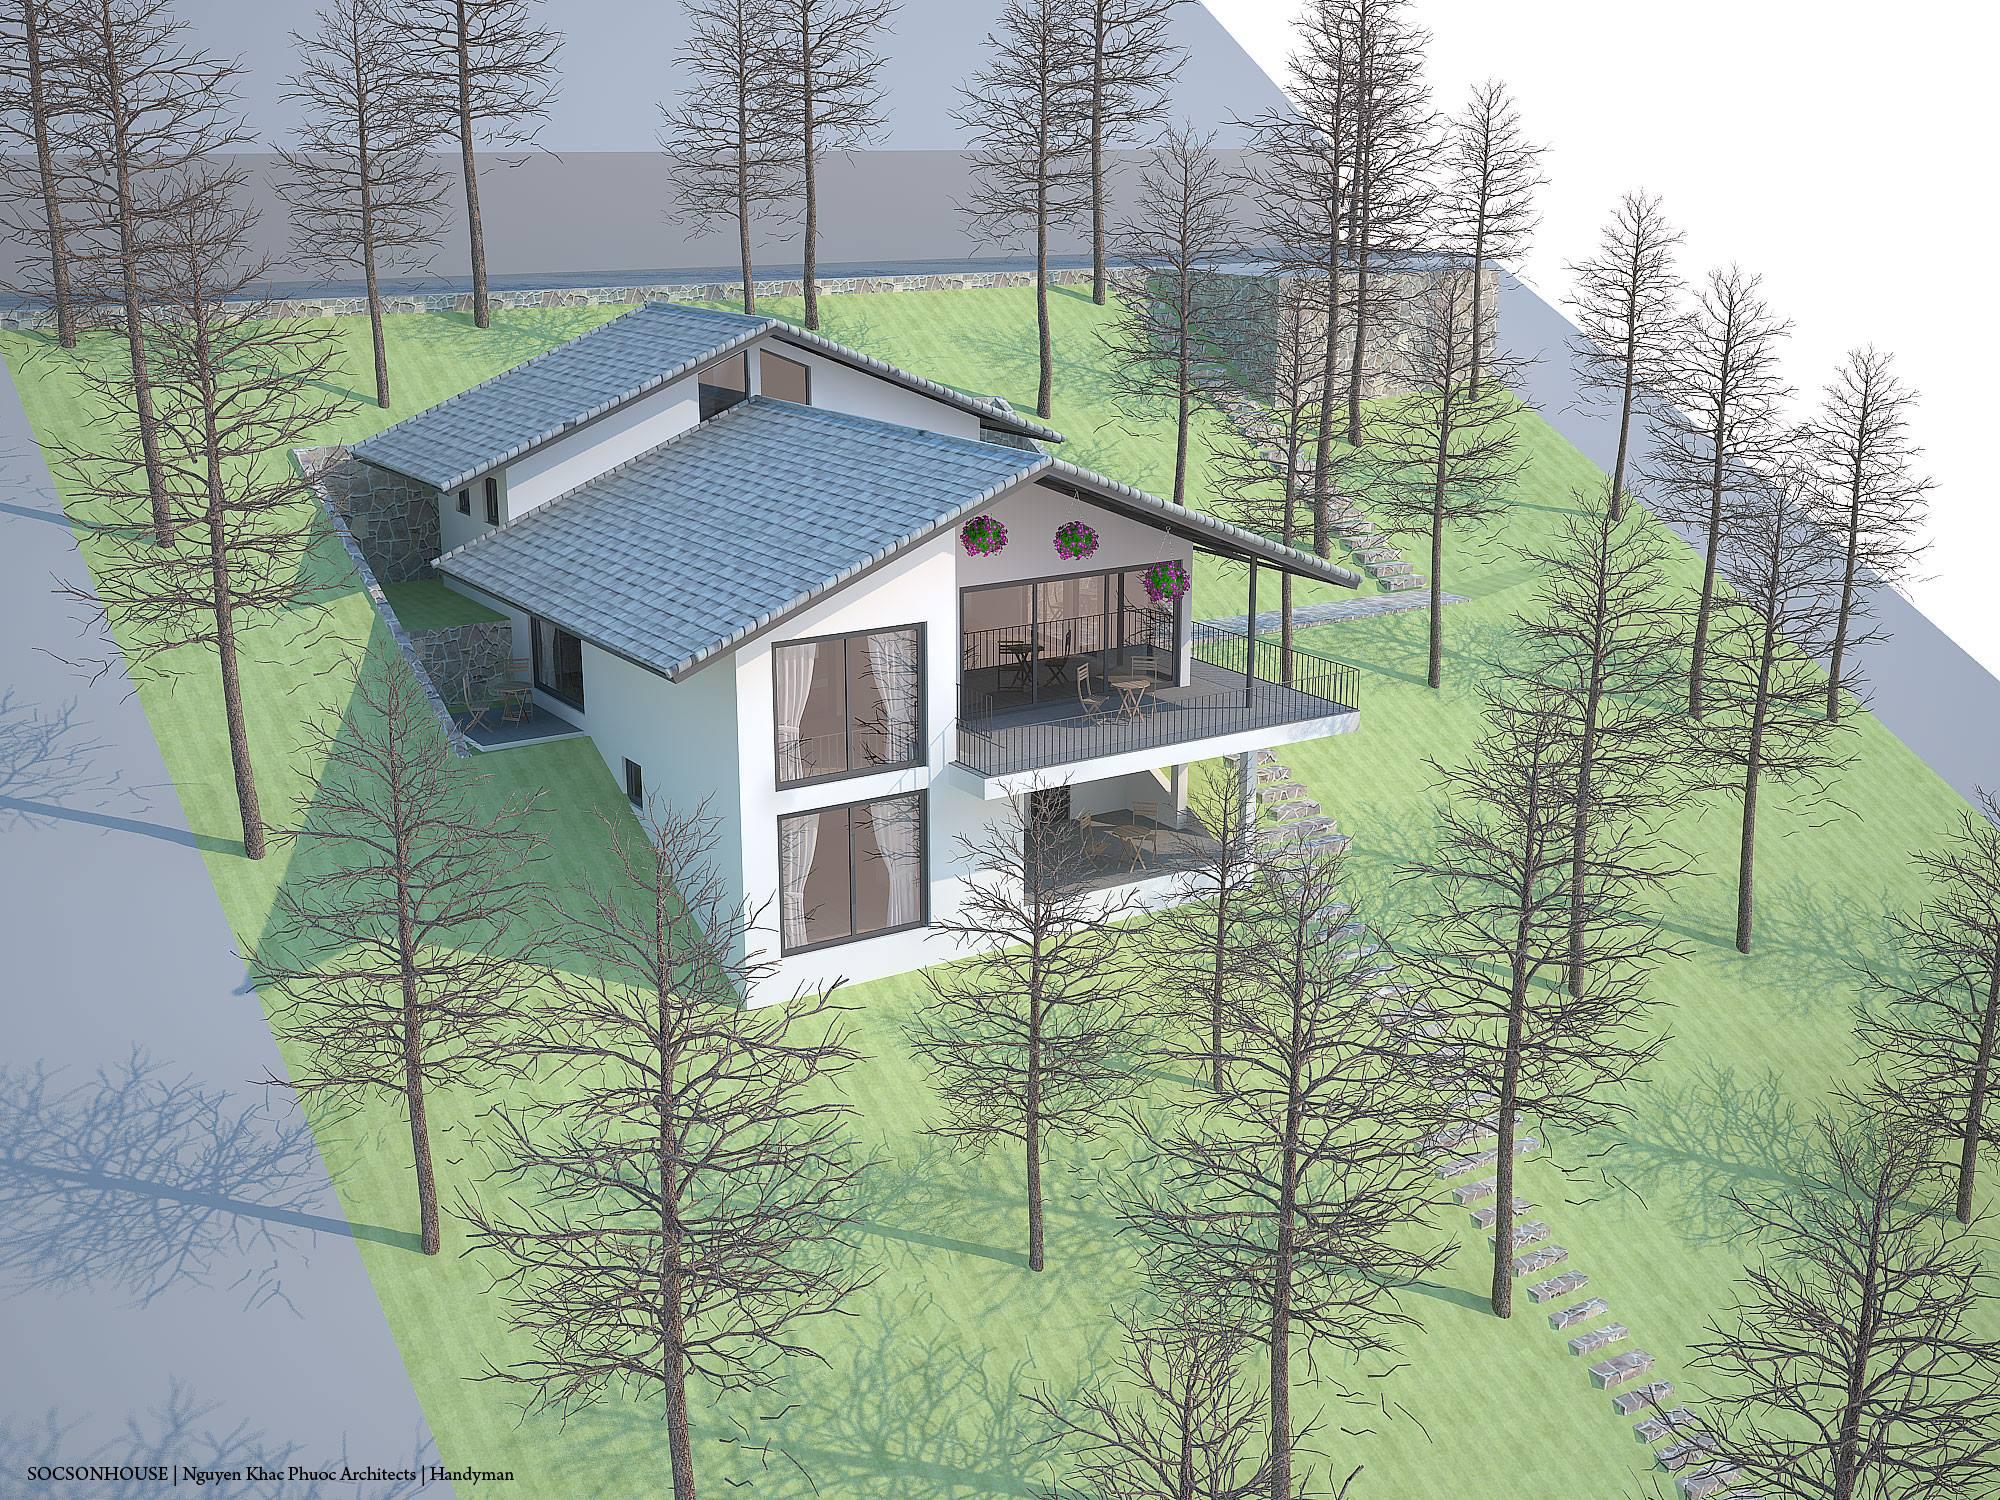 Thiết kế biệt thự đẹp mái chồng mái nằm lưng chừng núi ở Sóc Sơn - Nhà Đẹp Số (21)